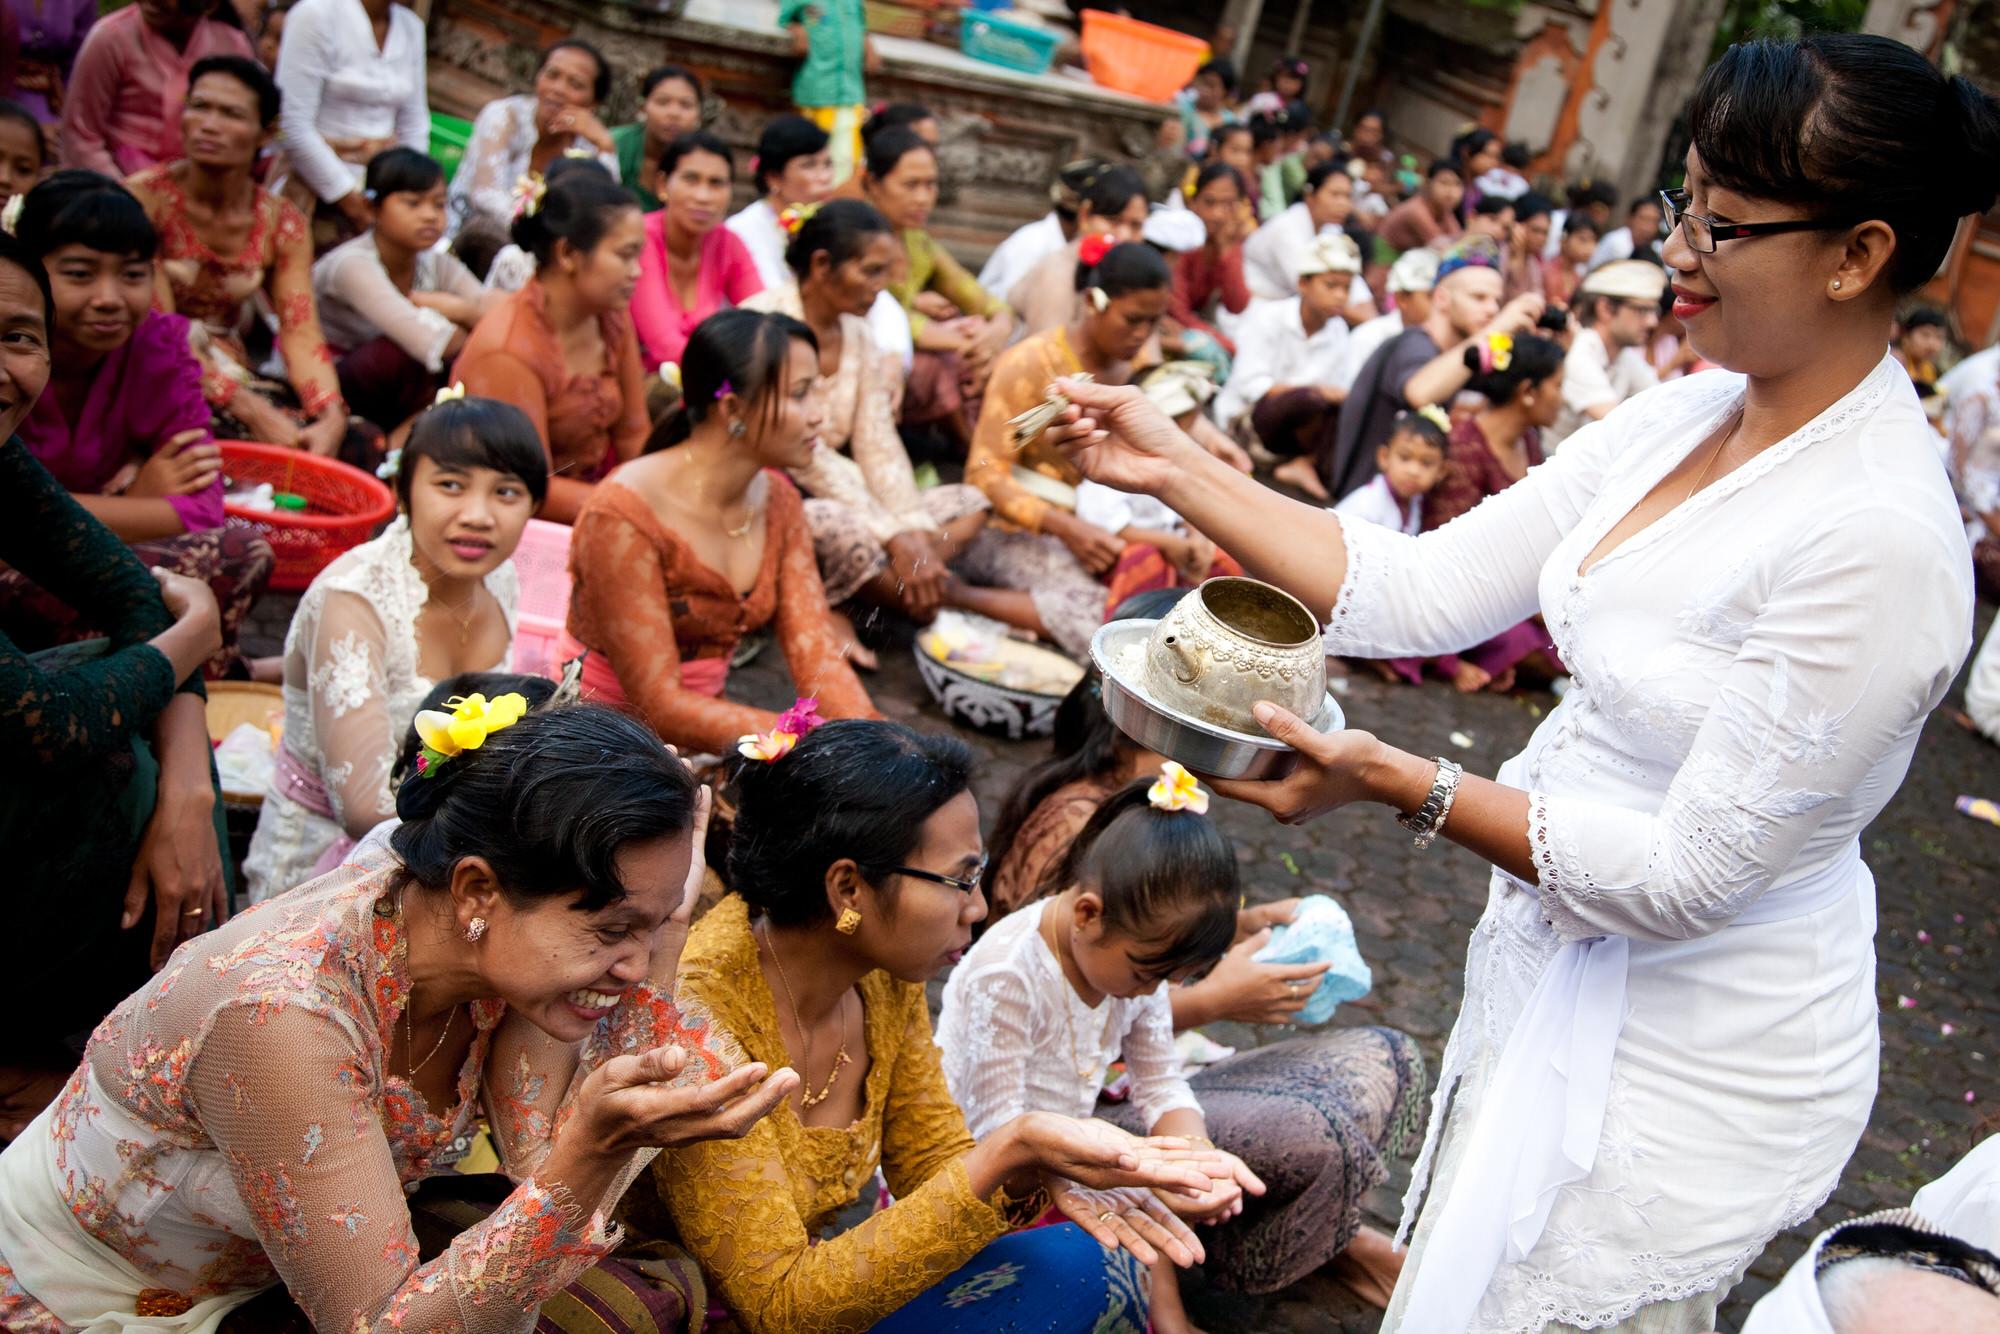 Galungan auf Bali: Sieg des Guten über das Böse